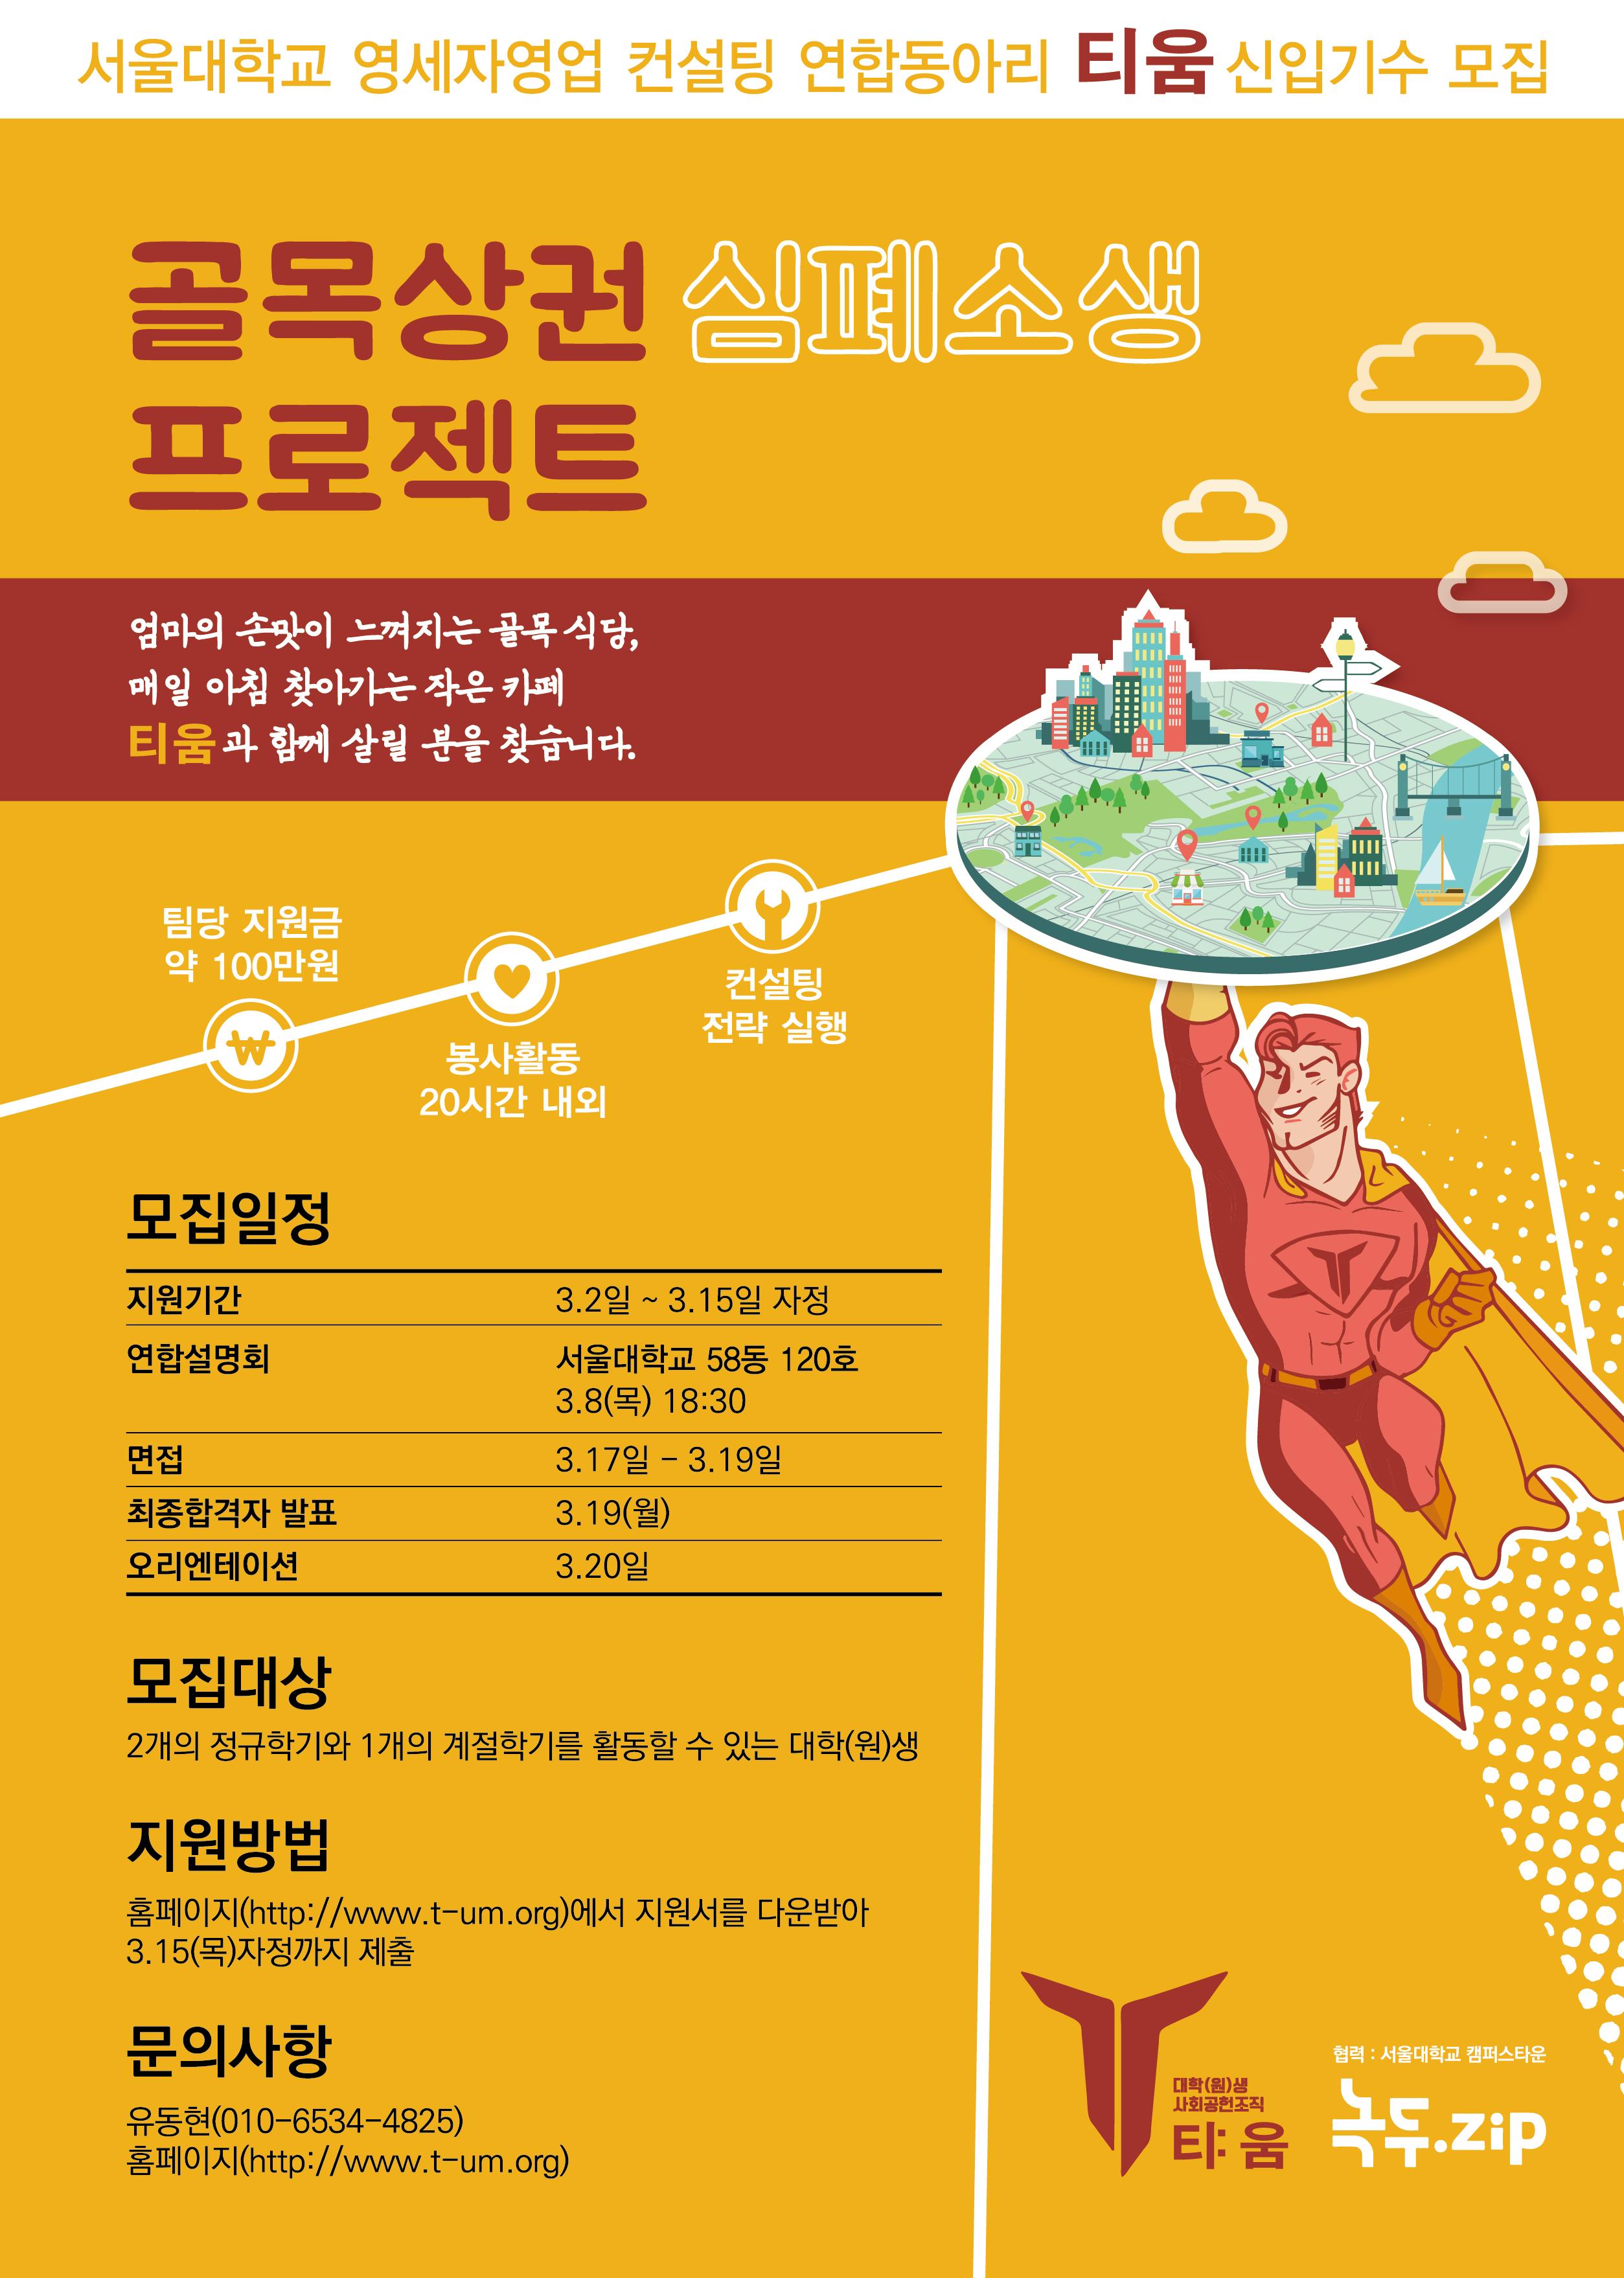 [서울대학교 동아리 티움] 골목상권 심폐소생 프로젝트